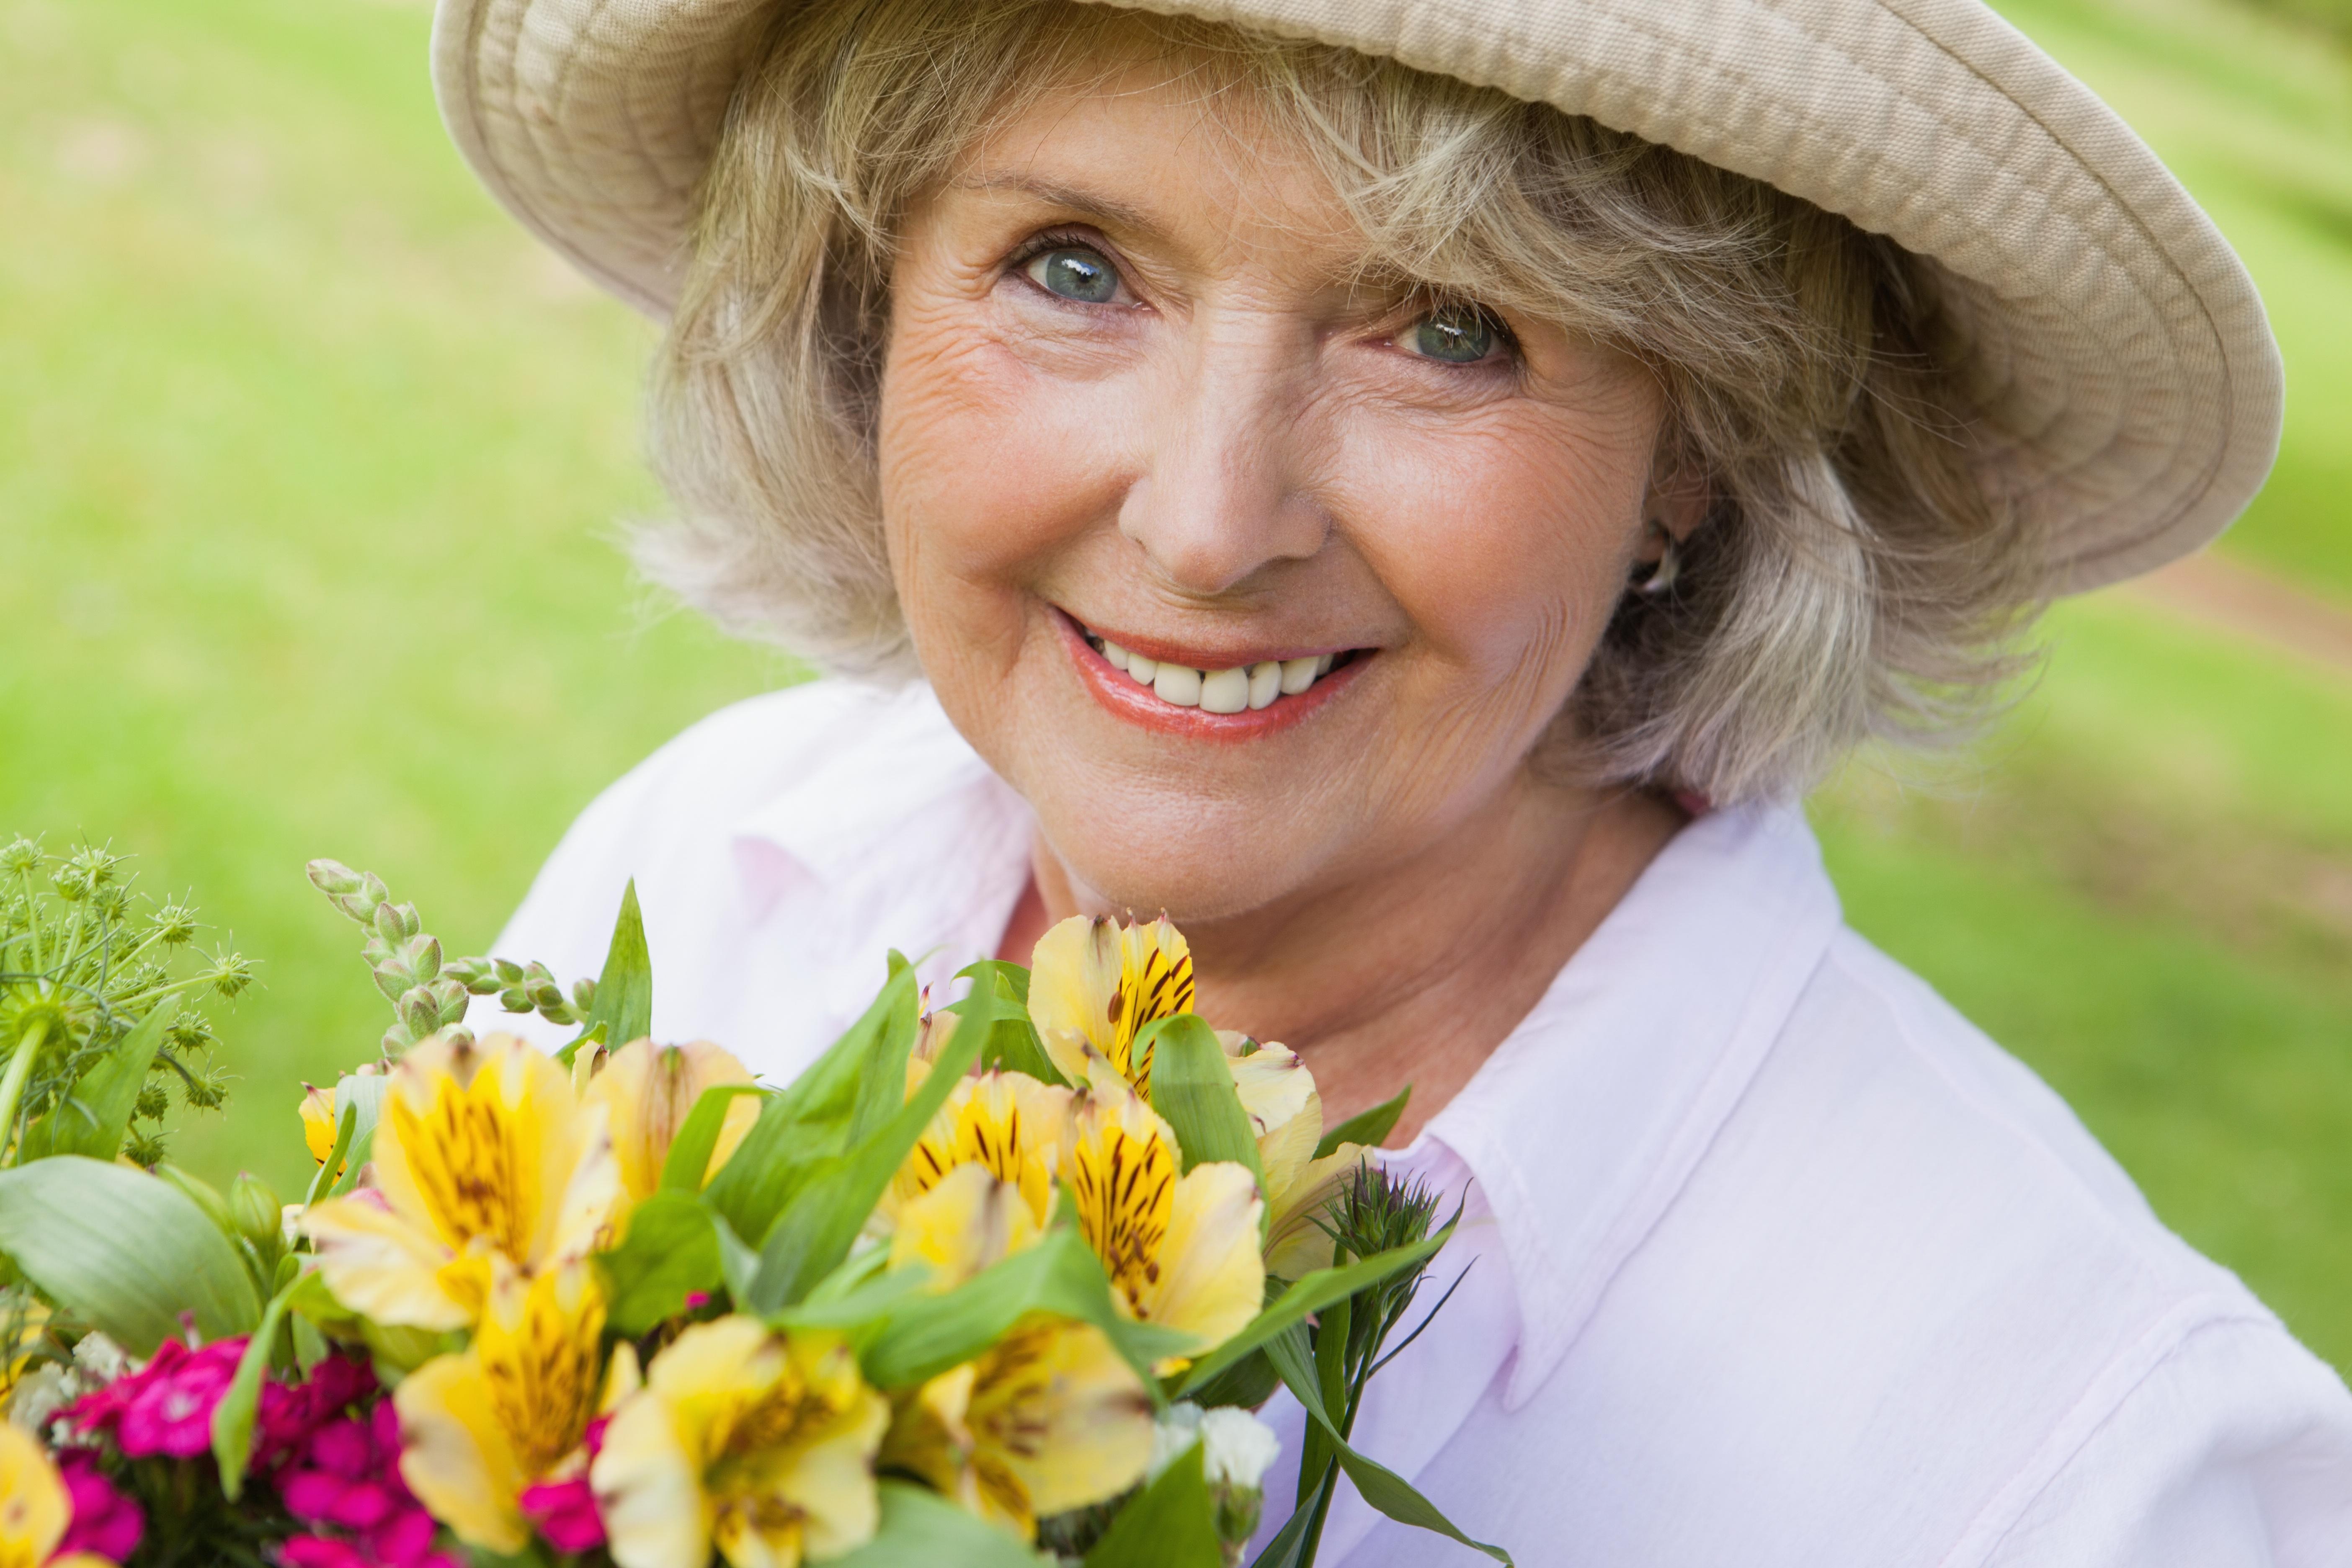 картинки женщина с цветами